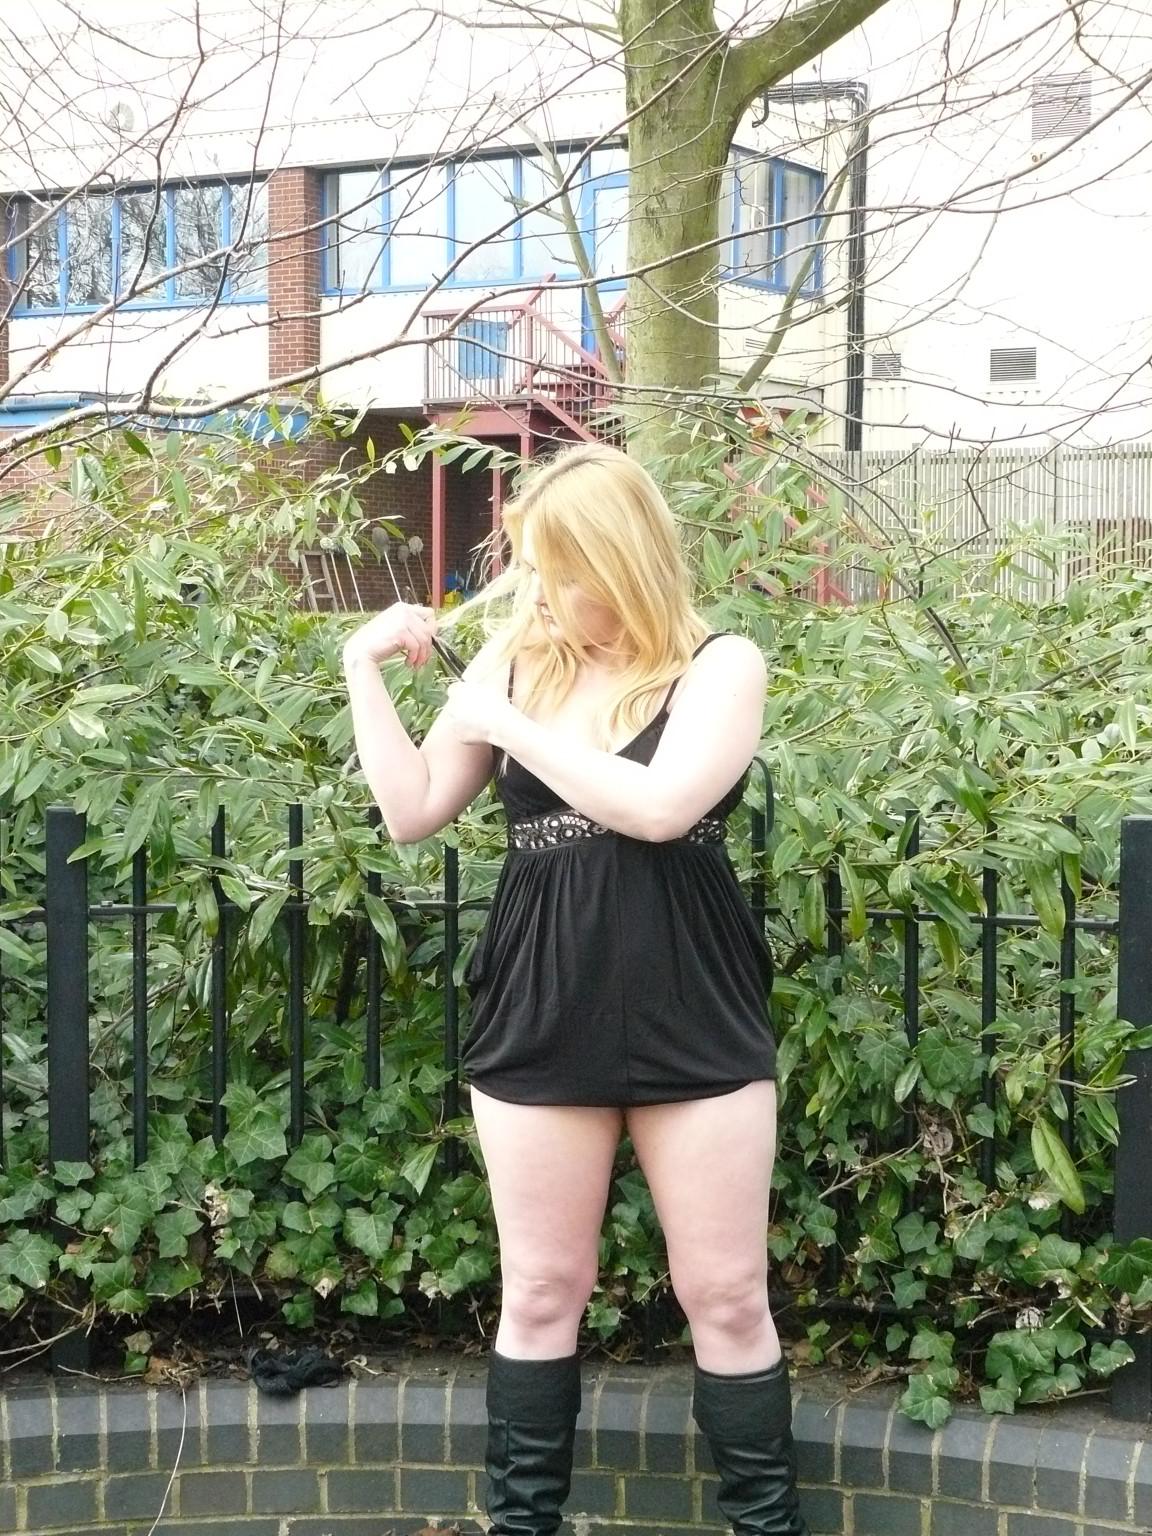 Смелая телочка София не носит белья и даже готова обнажиться в городском парке посреди дня